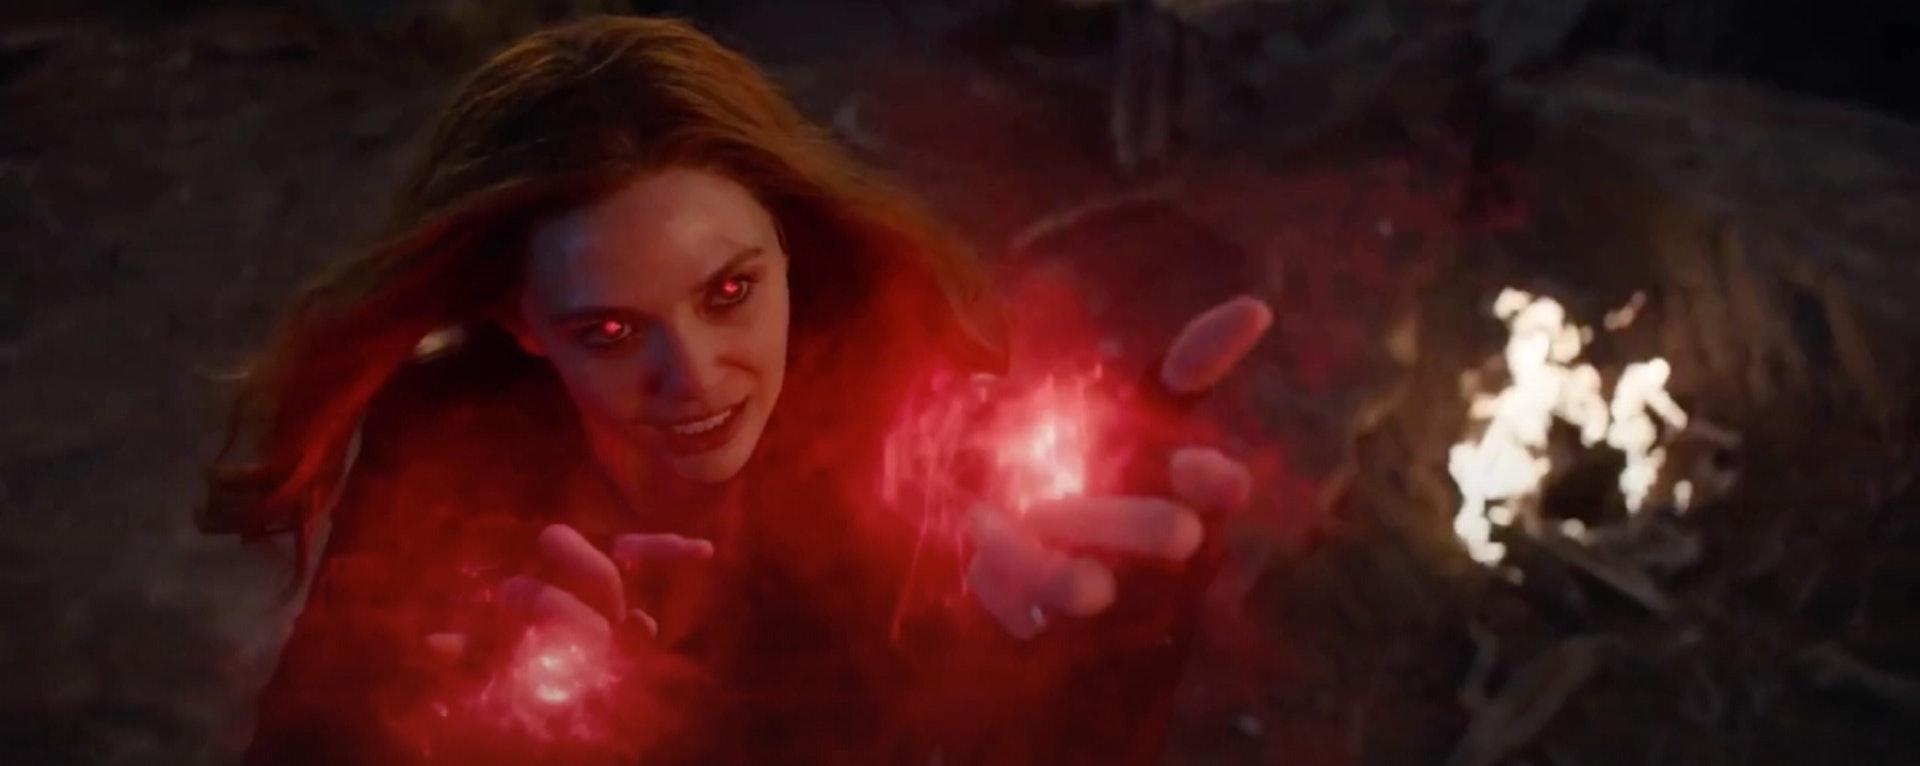 《WandaVision》的故事发生在《复仇者联盟4》之后。(《复仇者联盟4:终局之战》剧照)